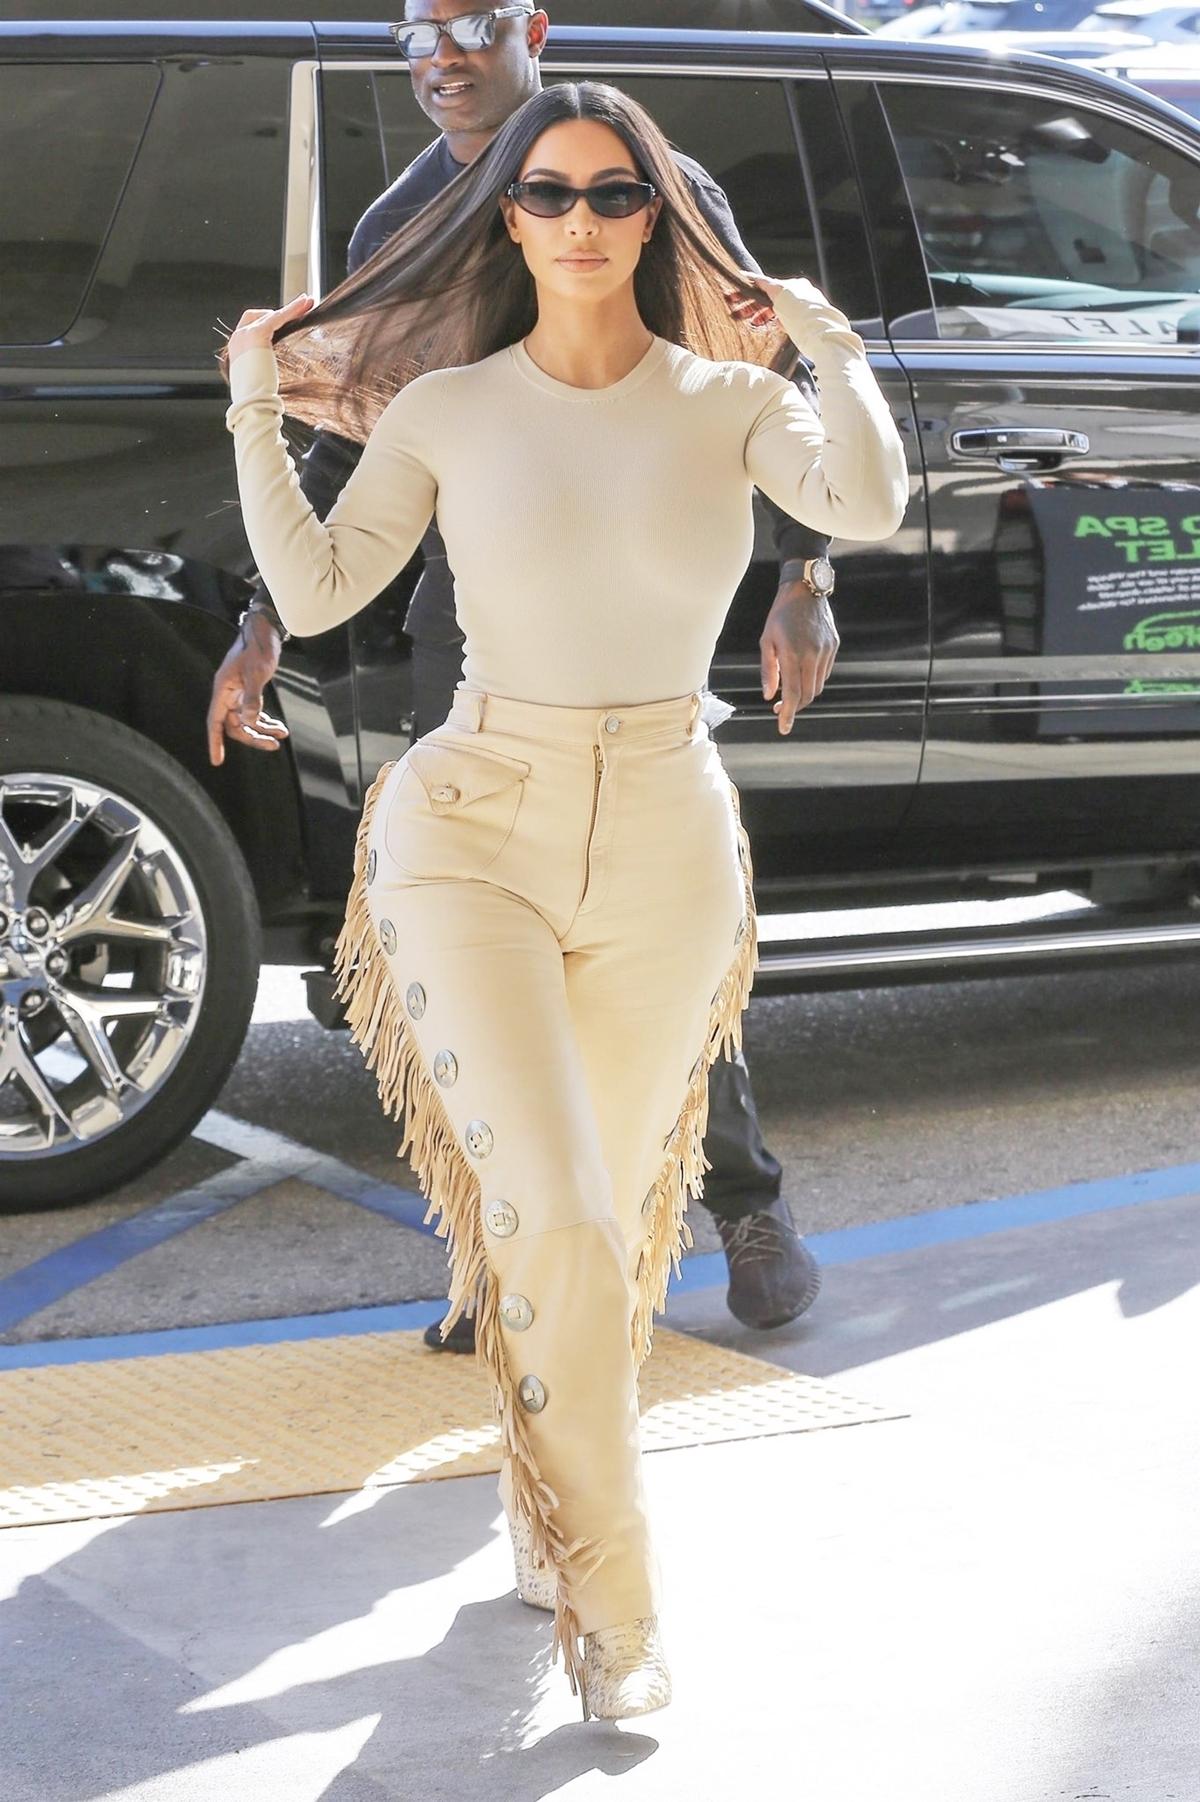 Ngày 6/3, Kim Kardashian xuất hiện trên đường phố Los Angeles (Mỹ) với phong cách cao bồi, tông nude chủ đạo. Cô mix quần tua rua của nhà mốtRoberto Cavalli với áo bodysuit. Ngôi sao truyền hình thực tế Mỹ thường gắn với hình ảnh gợi cảm, khoe da thịt. Tuy nhiên từ sau khi sinh con thứ tư, cô thay đổi gu mặc. Việc hạn chế sexy chủ yếu vì các con đang lớn dần. Kanye rất lo chúng bị ảnh hưởng xấu, Kim nói trên chương trìnhThe Real ngày 5/11/2019.Cô và rapper Kanye West hẹn hò từ tháng 4/2012, hết hôntháng 5/2014.